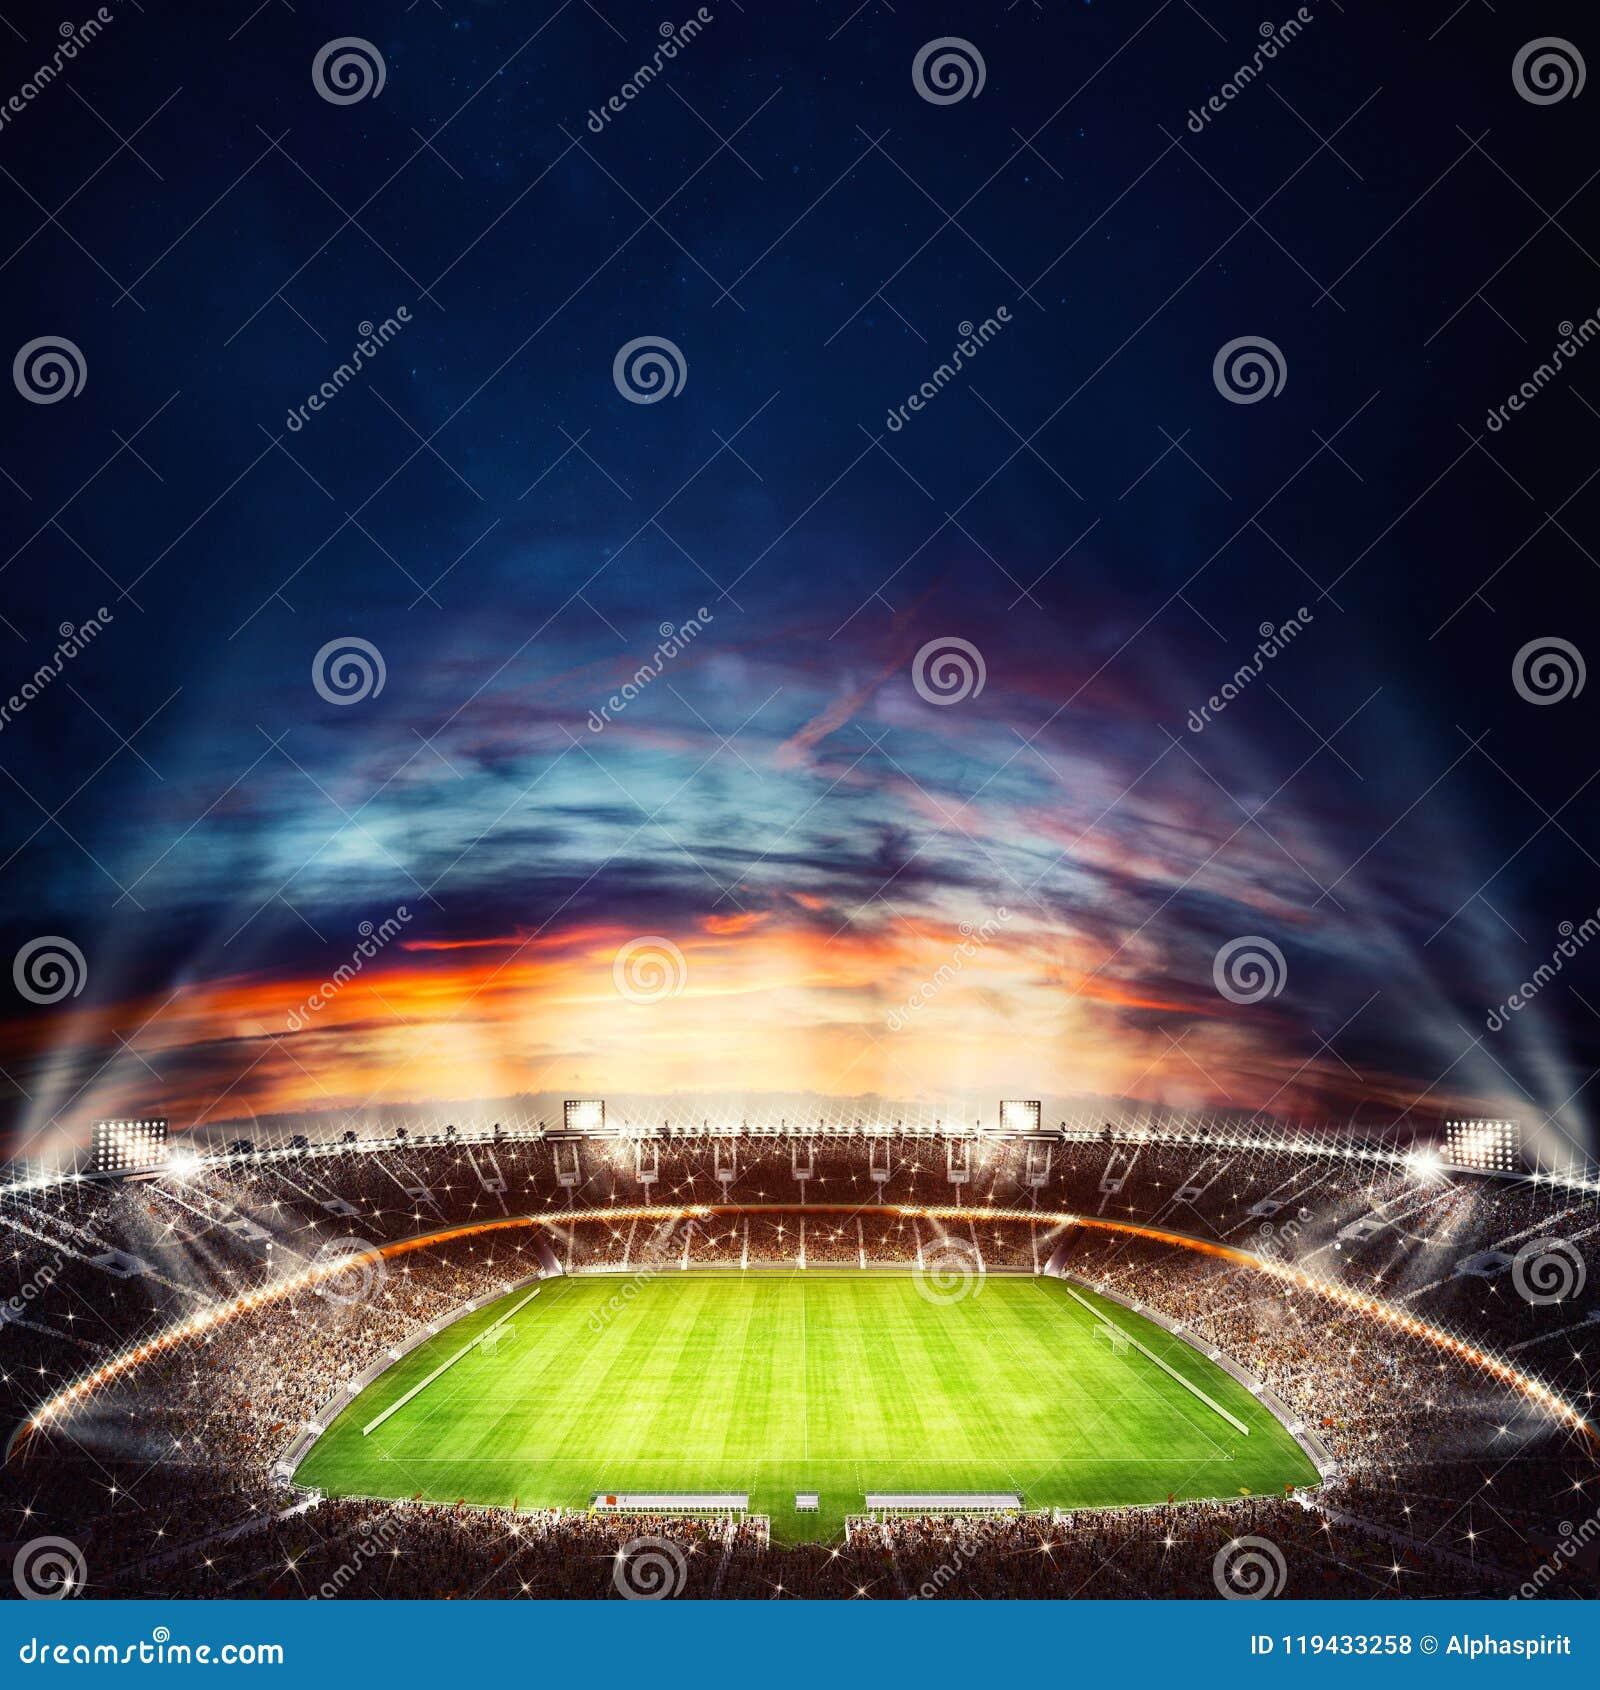 Vista superior de un estadio de fútbol en la noche con las luces encendido representación 3d